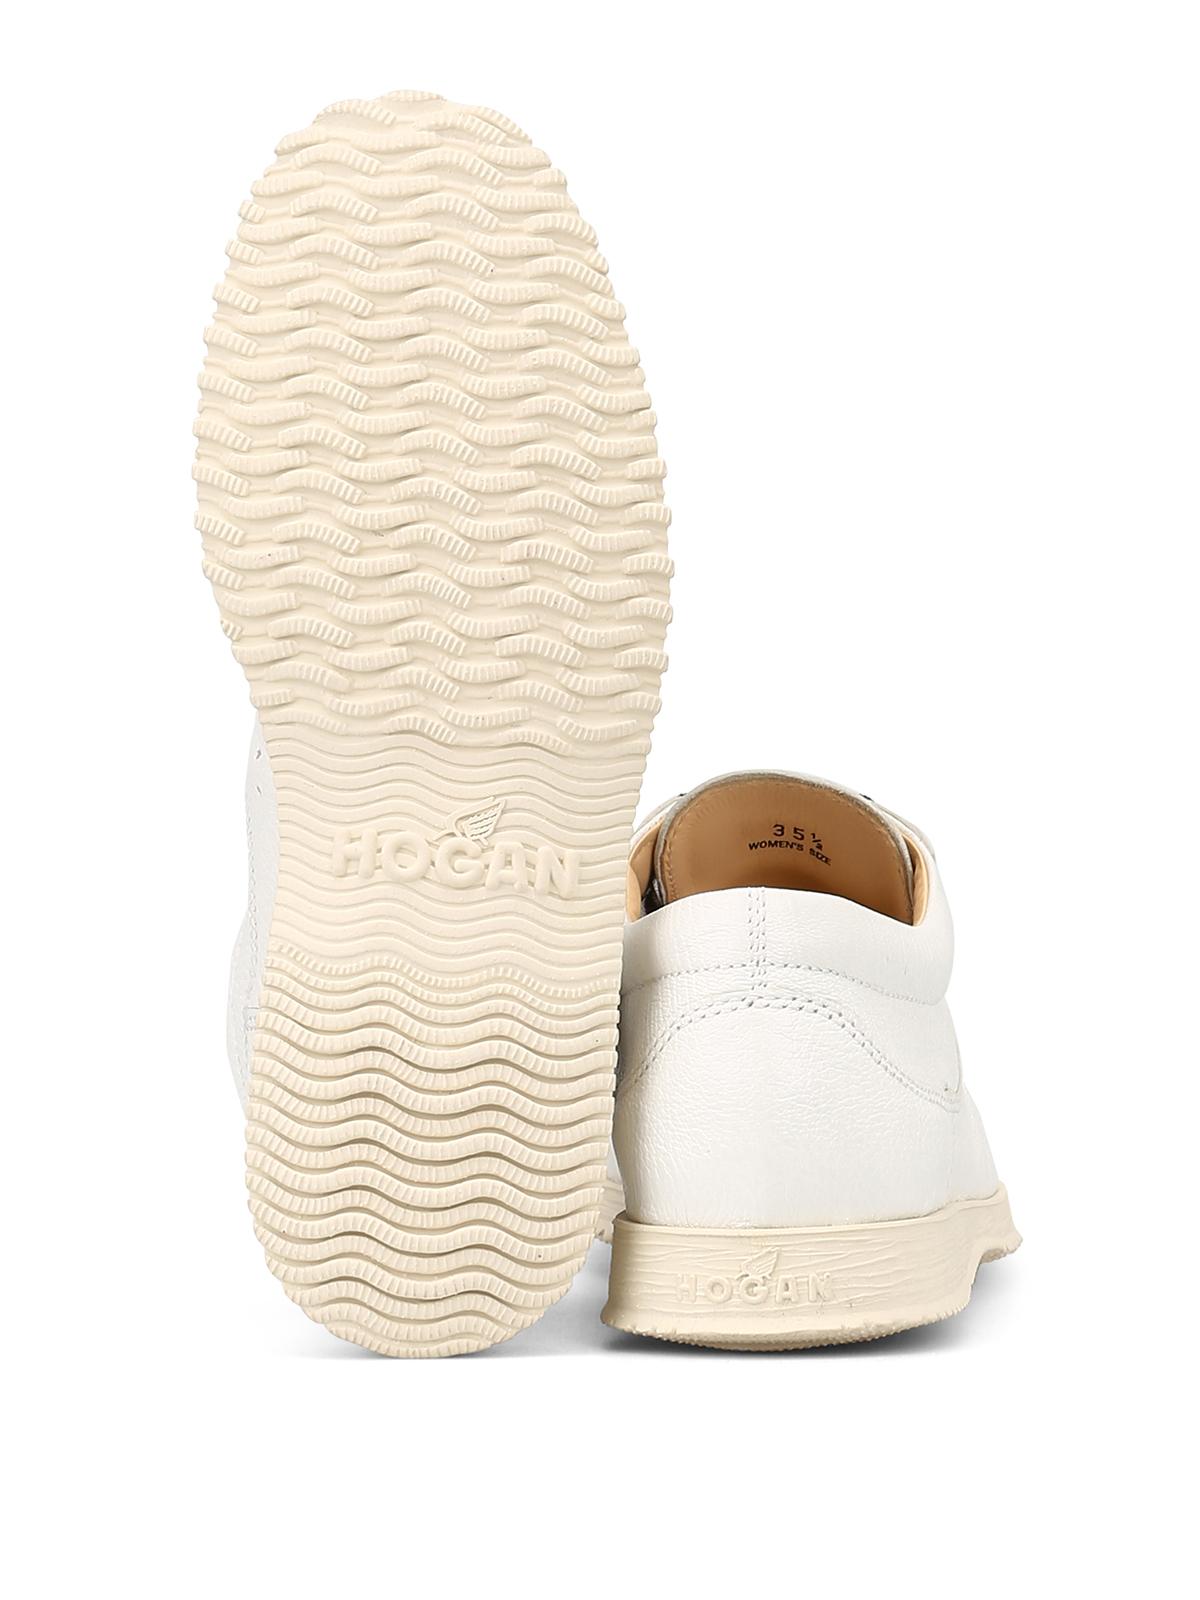 Hogan - Scarpe Traditional lacci colorati - scarpe stringate ... bfd1bc105bf